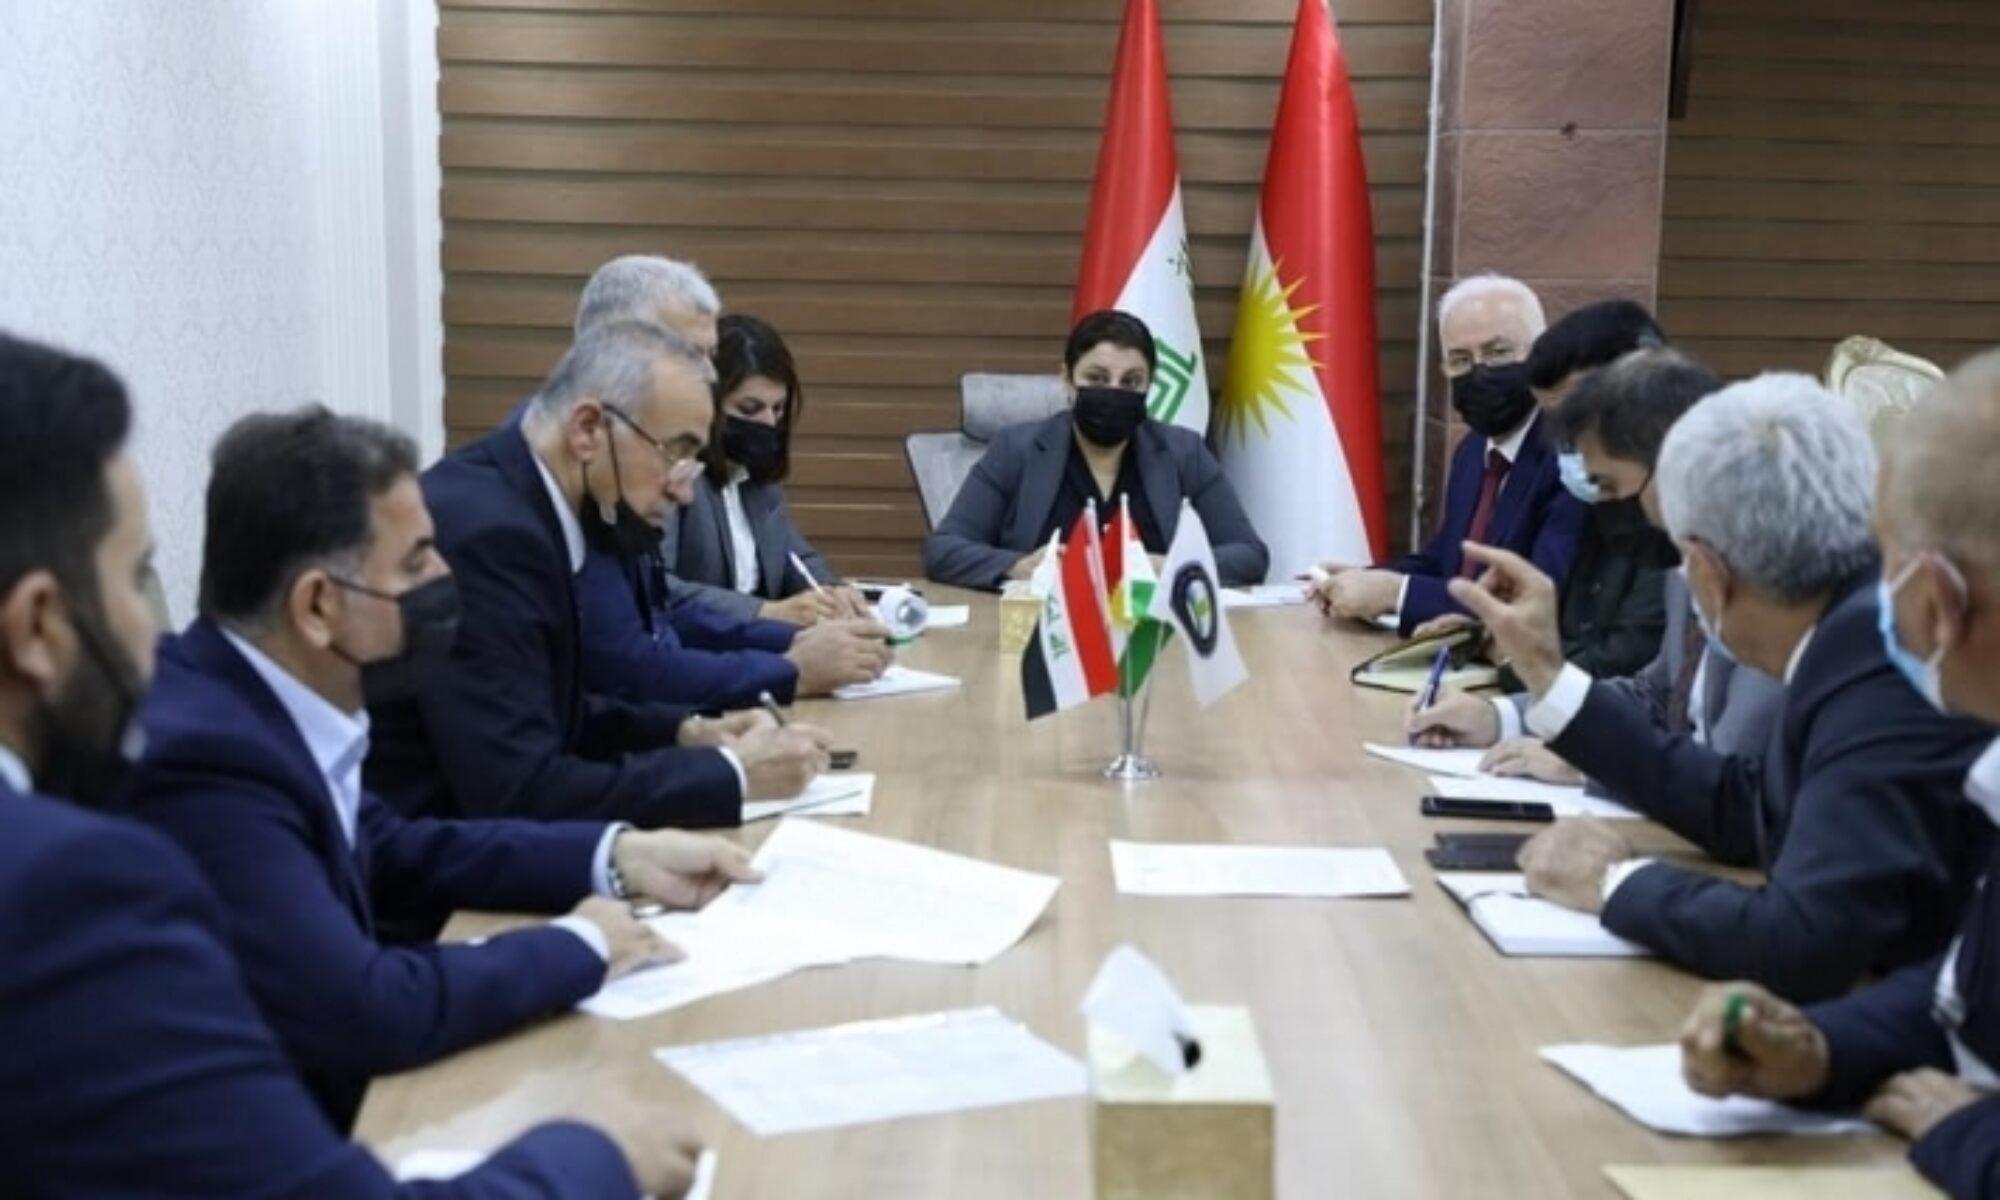 Kürdistan Tarım ve Su İşleri Bakanlığı 5 şirket ile anlaşma yaptı